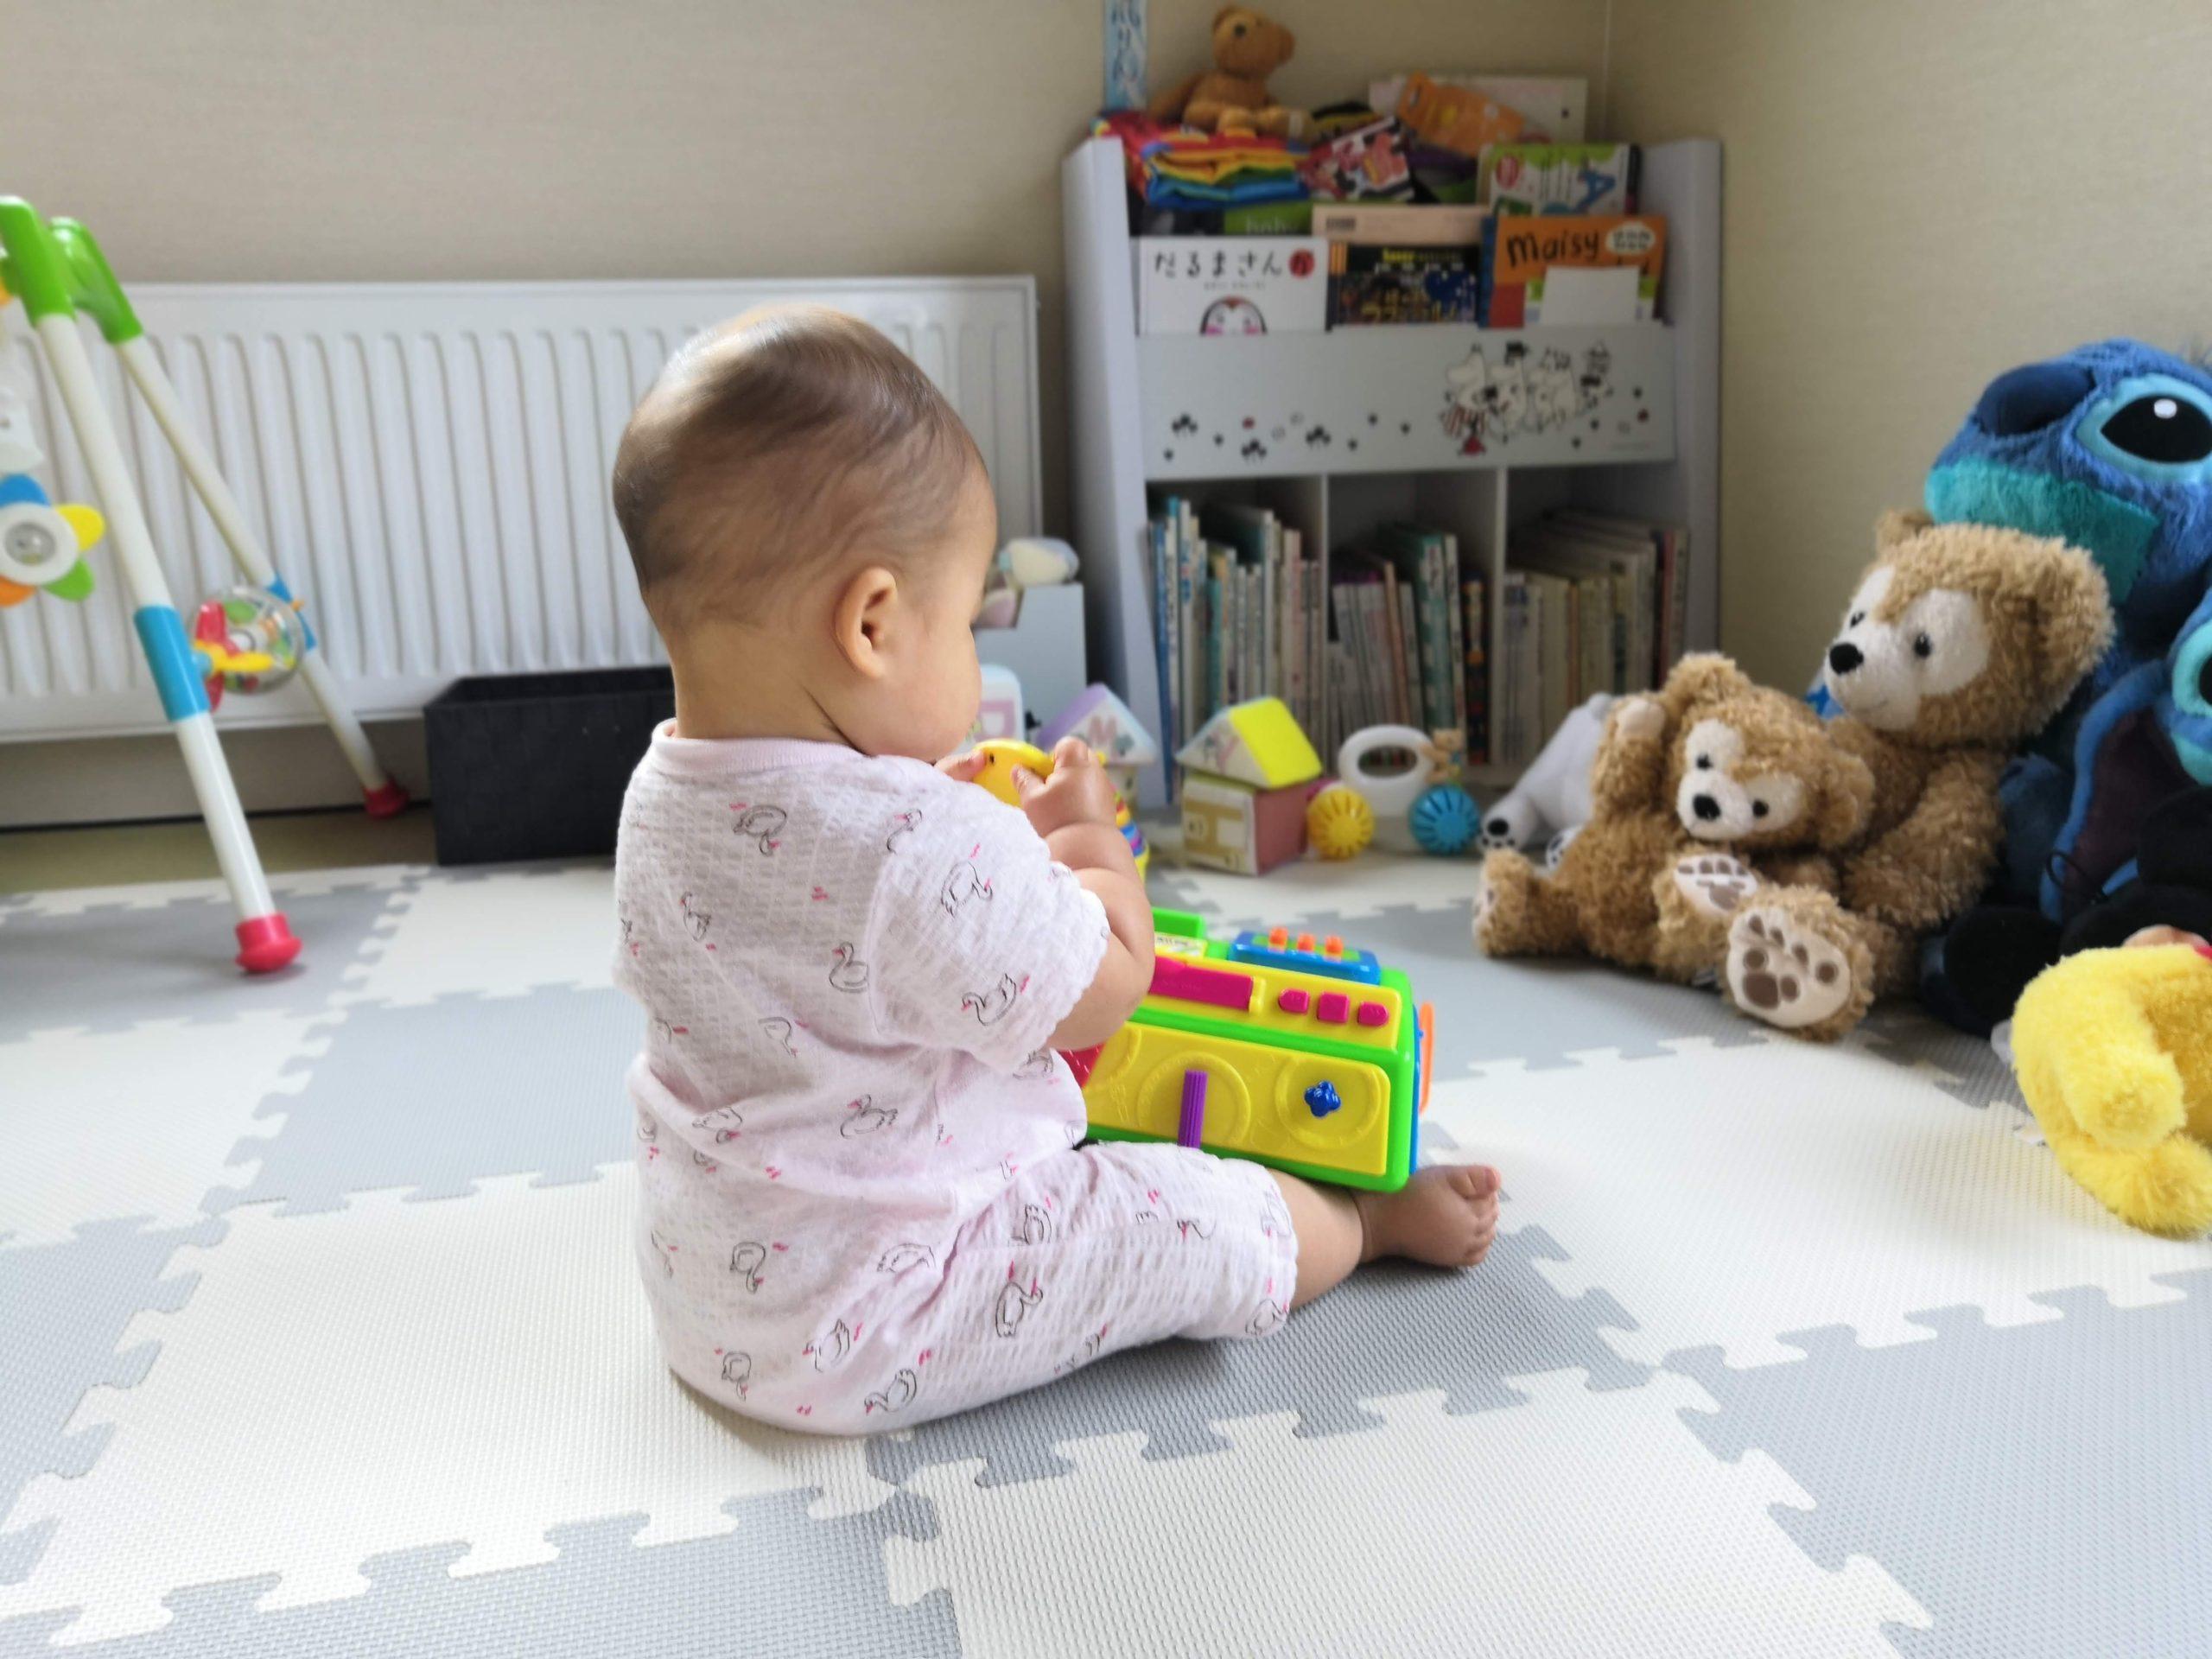 【バイリンガル育児】0歳児からできる英語教育ってなに?実践例と結果 | mameログ